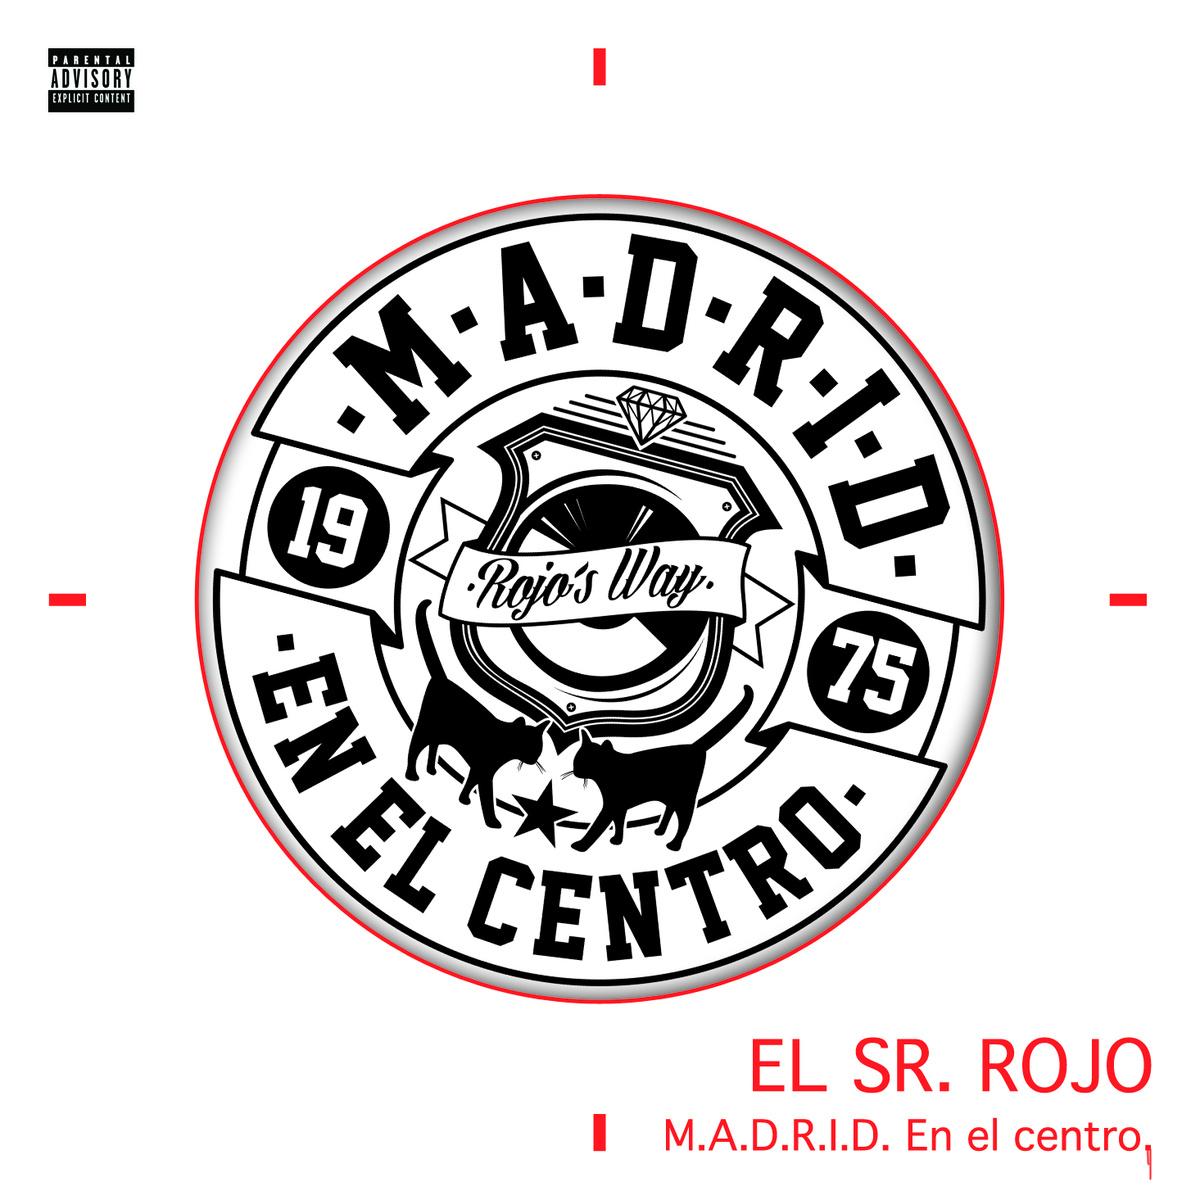 El_sr._rojo_-_m__._a_._d_._r_._i_._d._en_el_centro